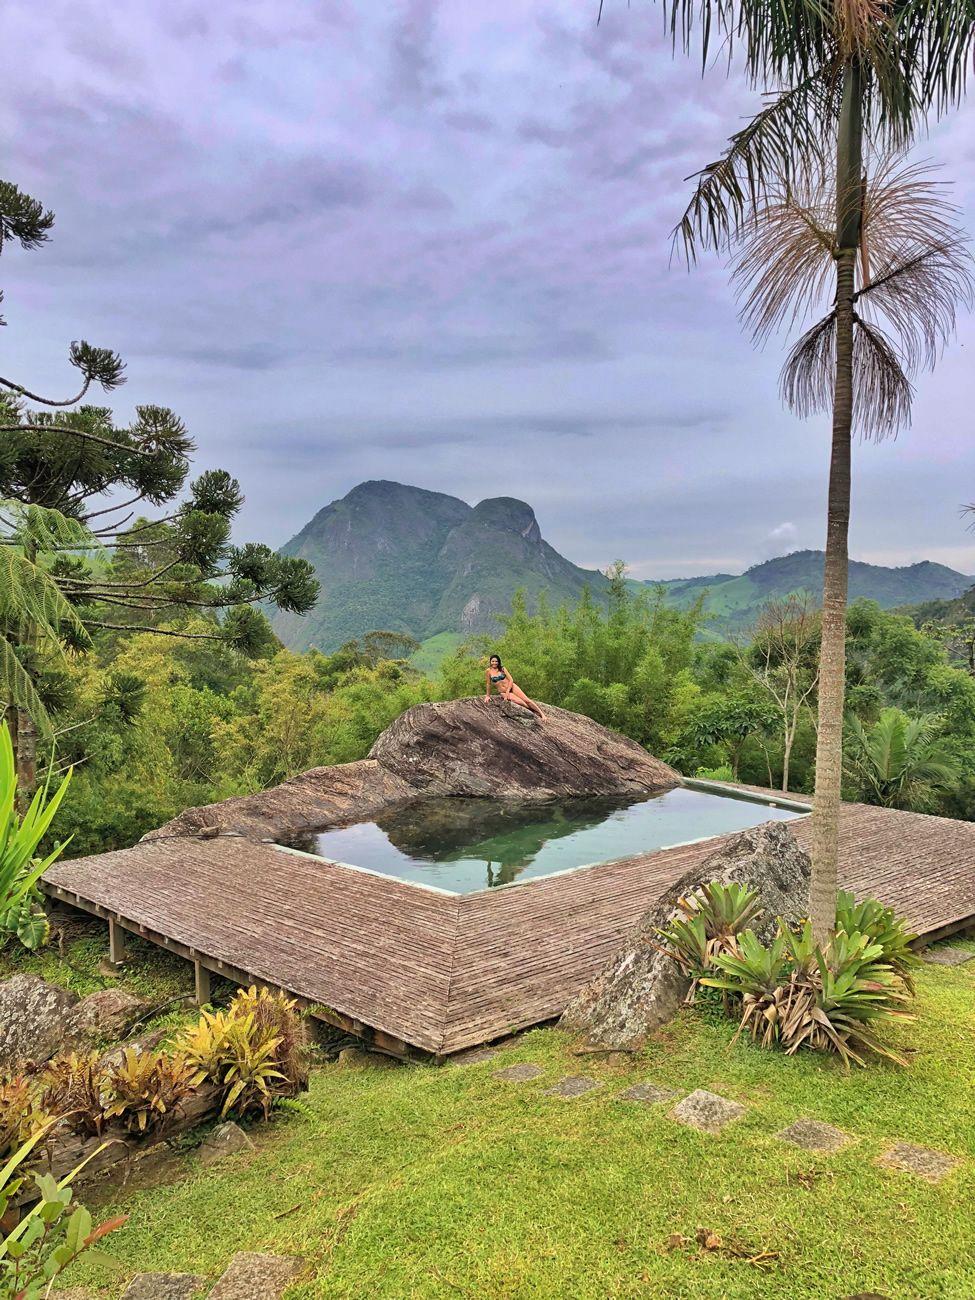 Bom Jardim Rio de Janeiro fonte: i.pinimg.com